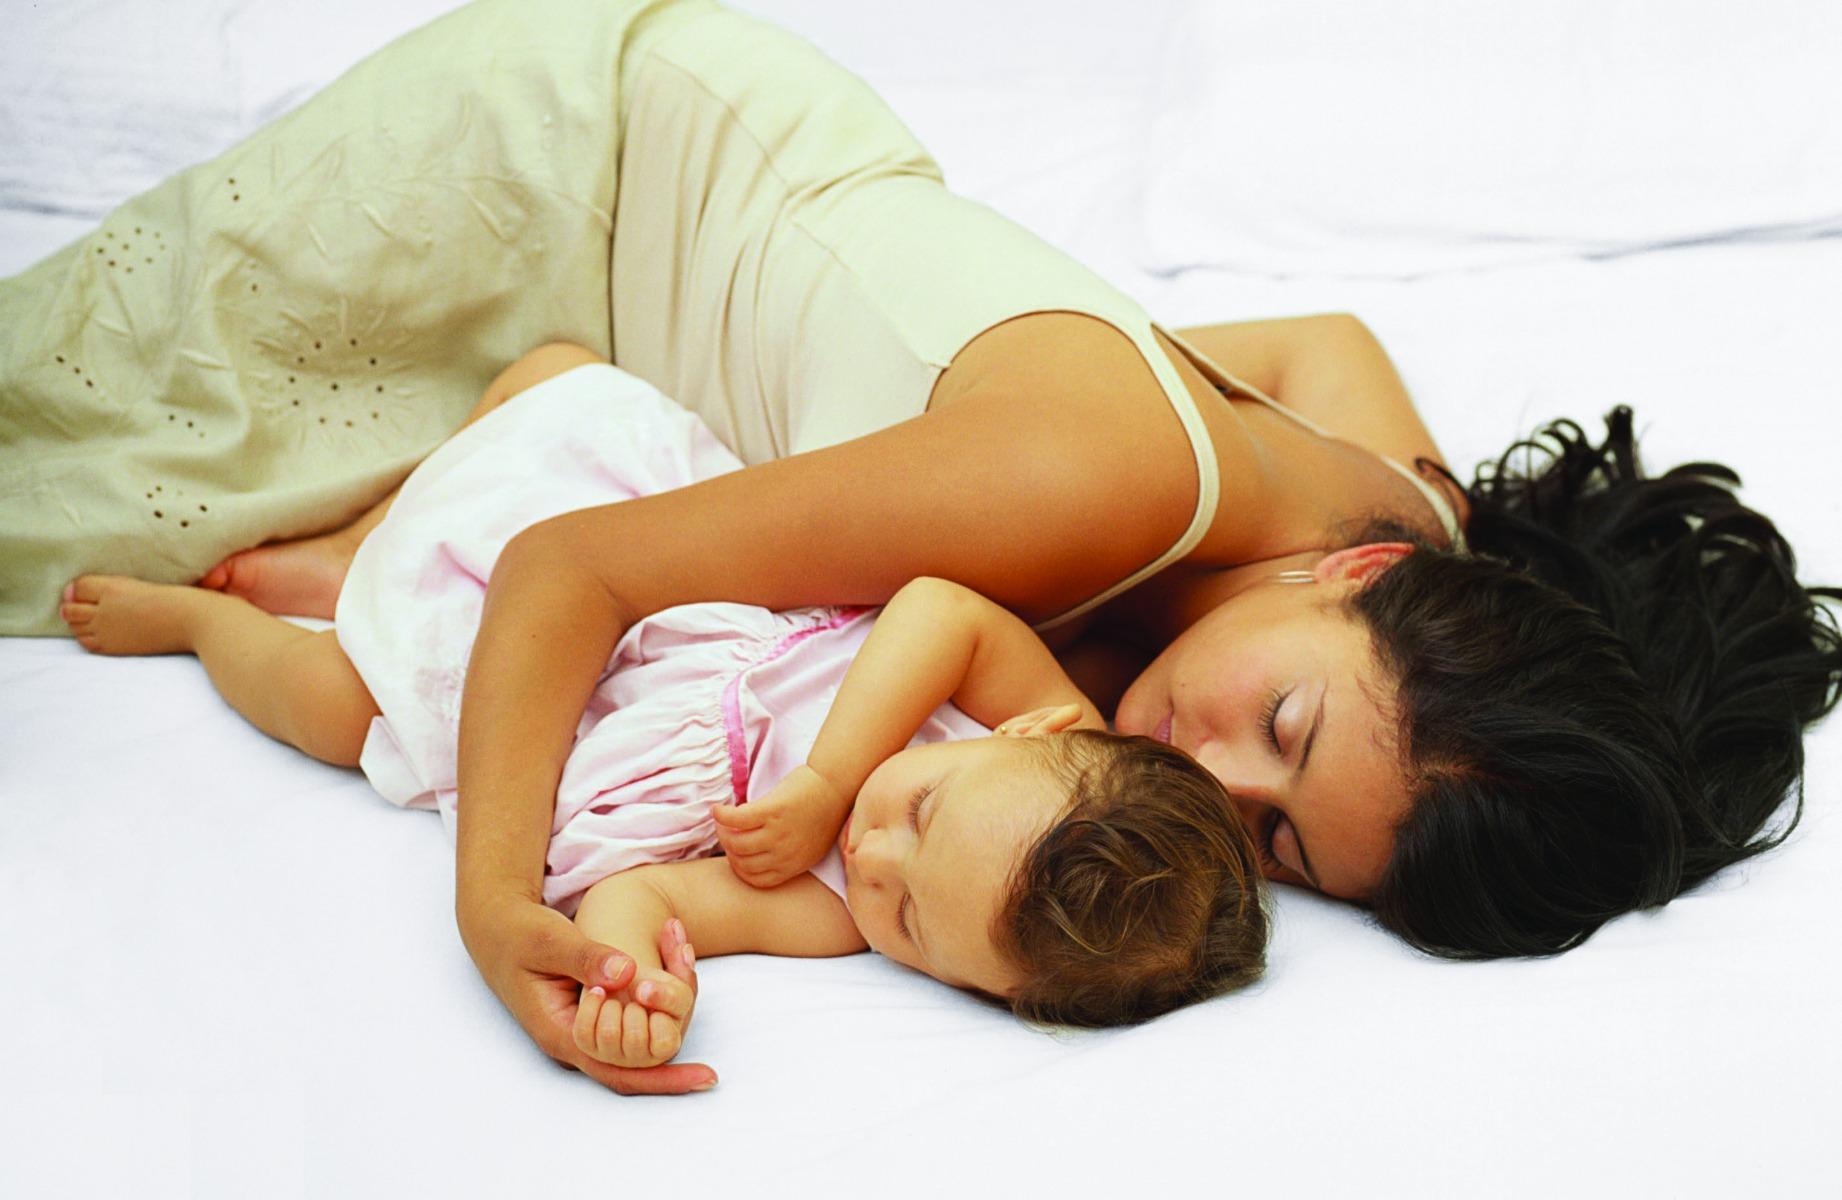 מילדות לבגרות: מעגל החיים דרך הרגלי השינה - תמונה מספר 1